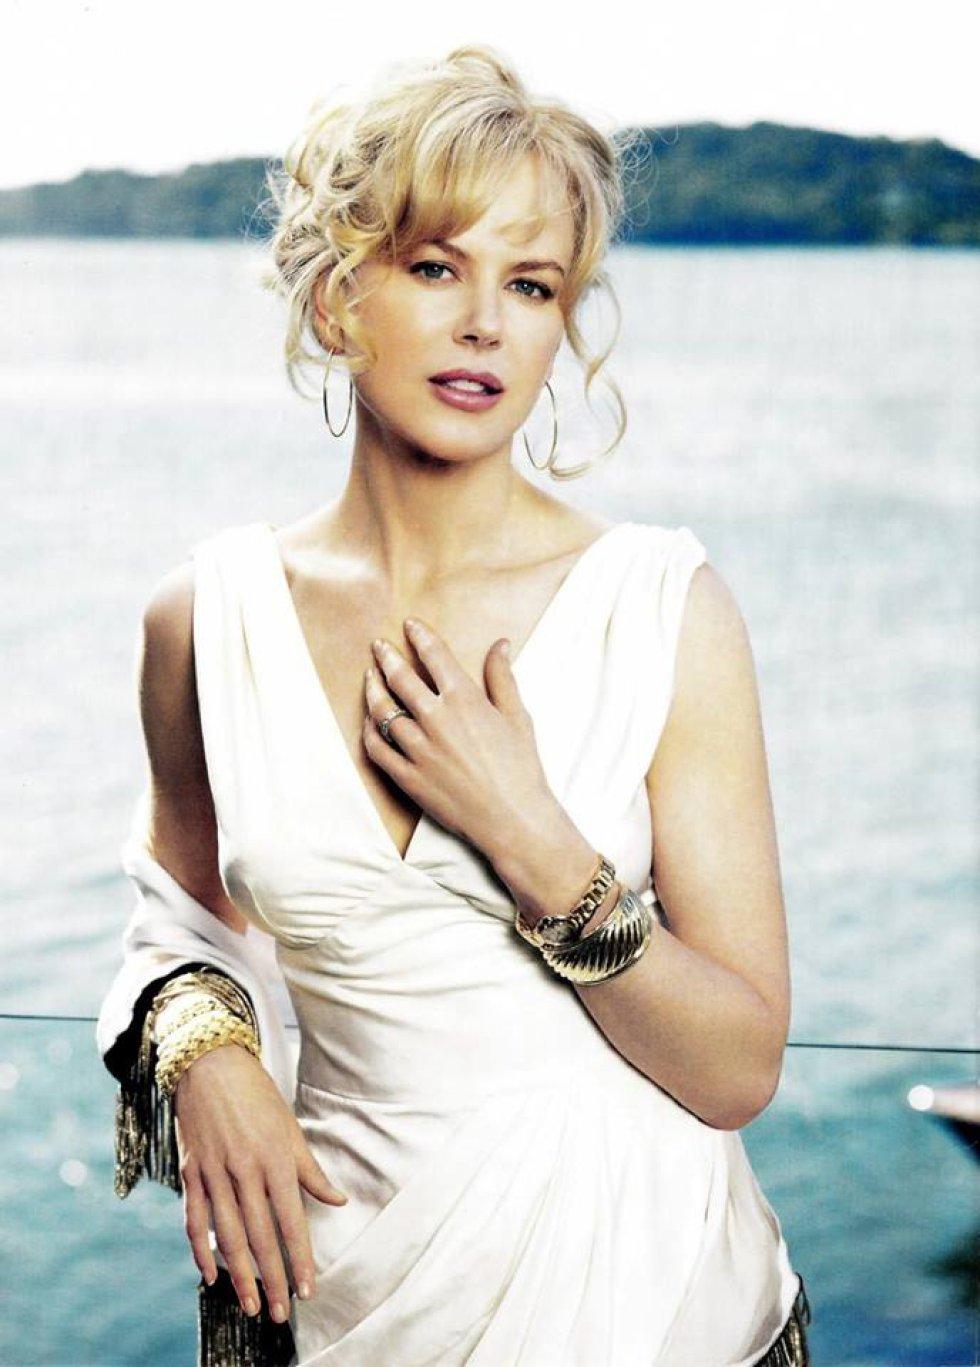 Aunque durante mucho tiempo ha sido una de las actrices más reconocidas a nivel mundial por su participación en grandes producciones de Hollywood.